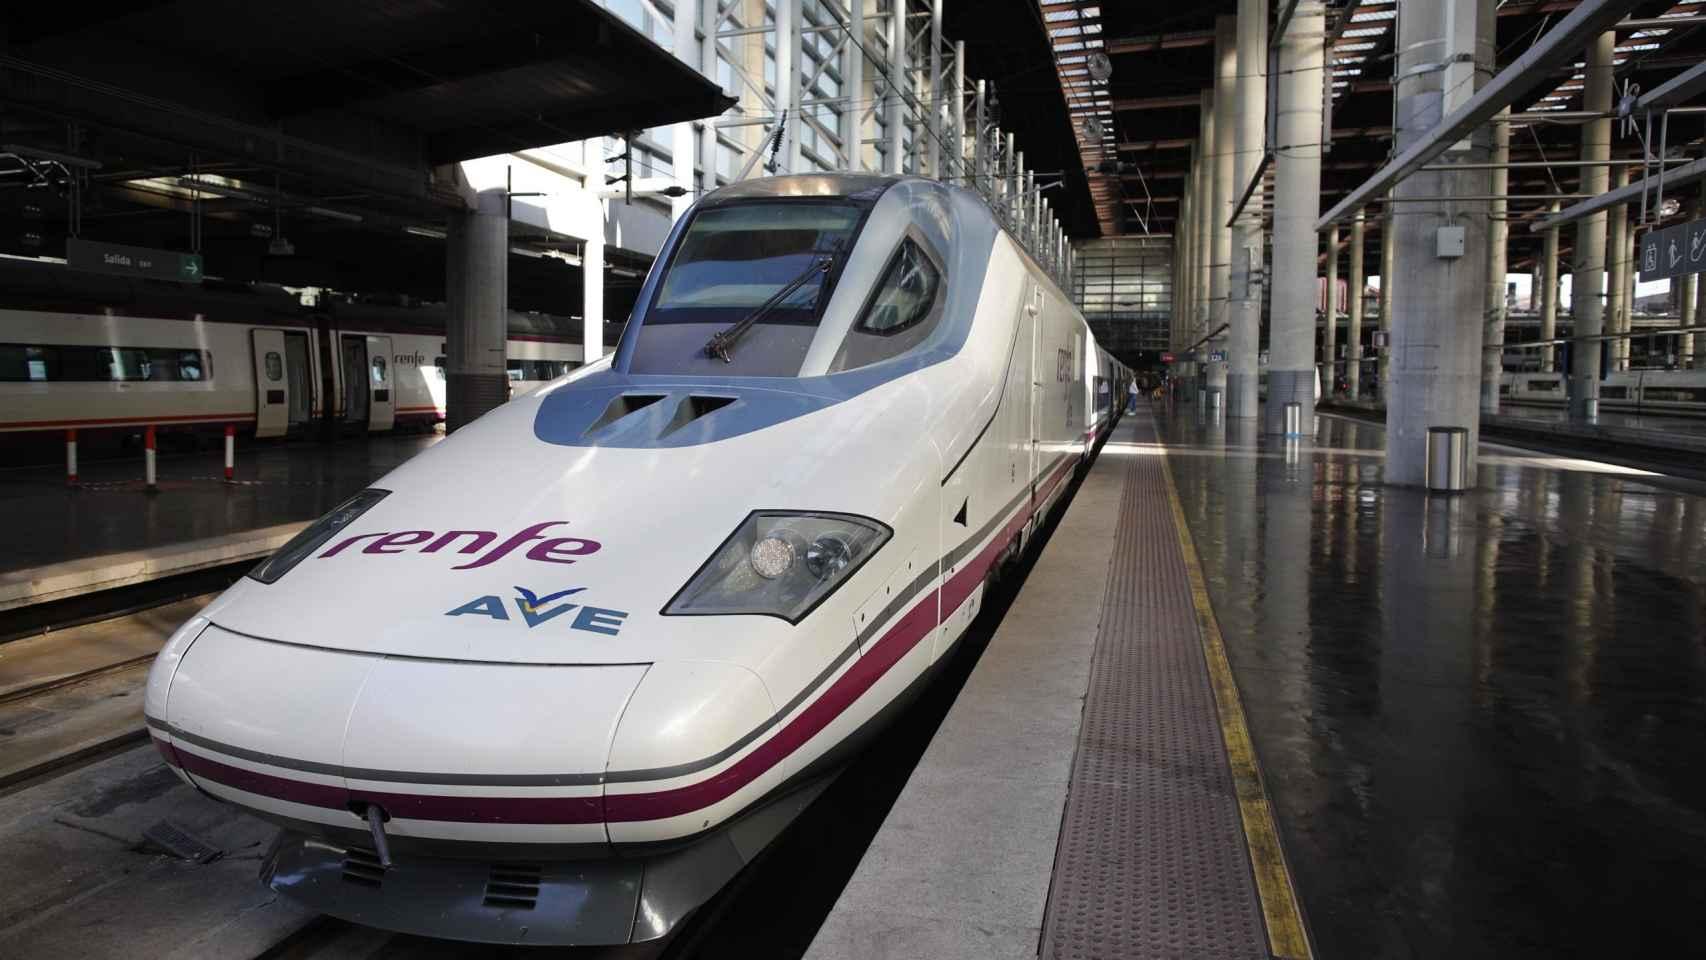 La línea de Alta Velocidad a Galicia se pondrá en marcha en el segundo semestre de 2021